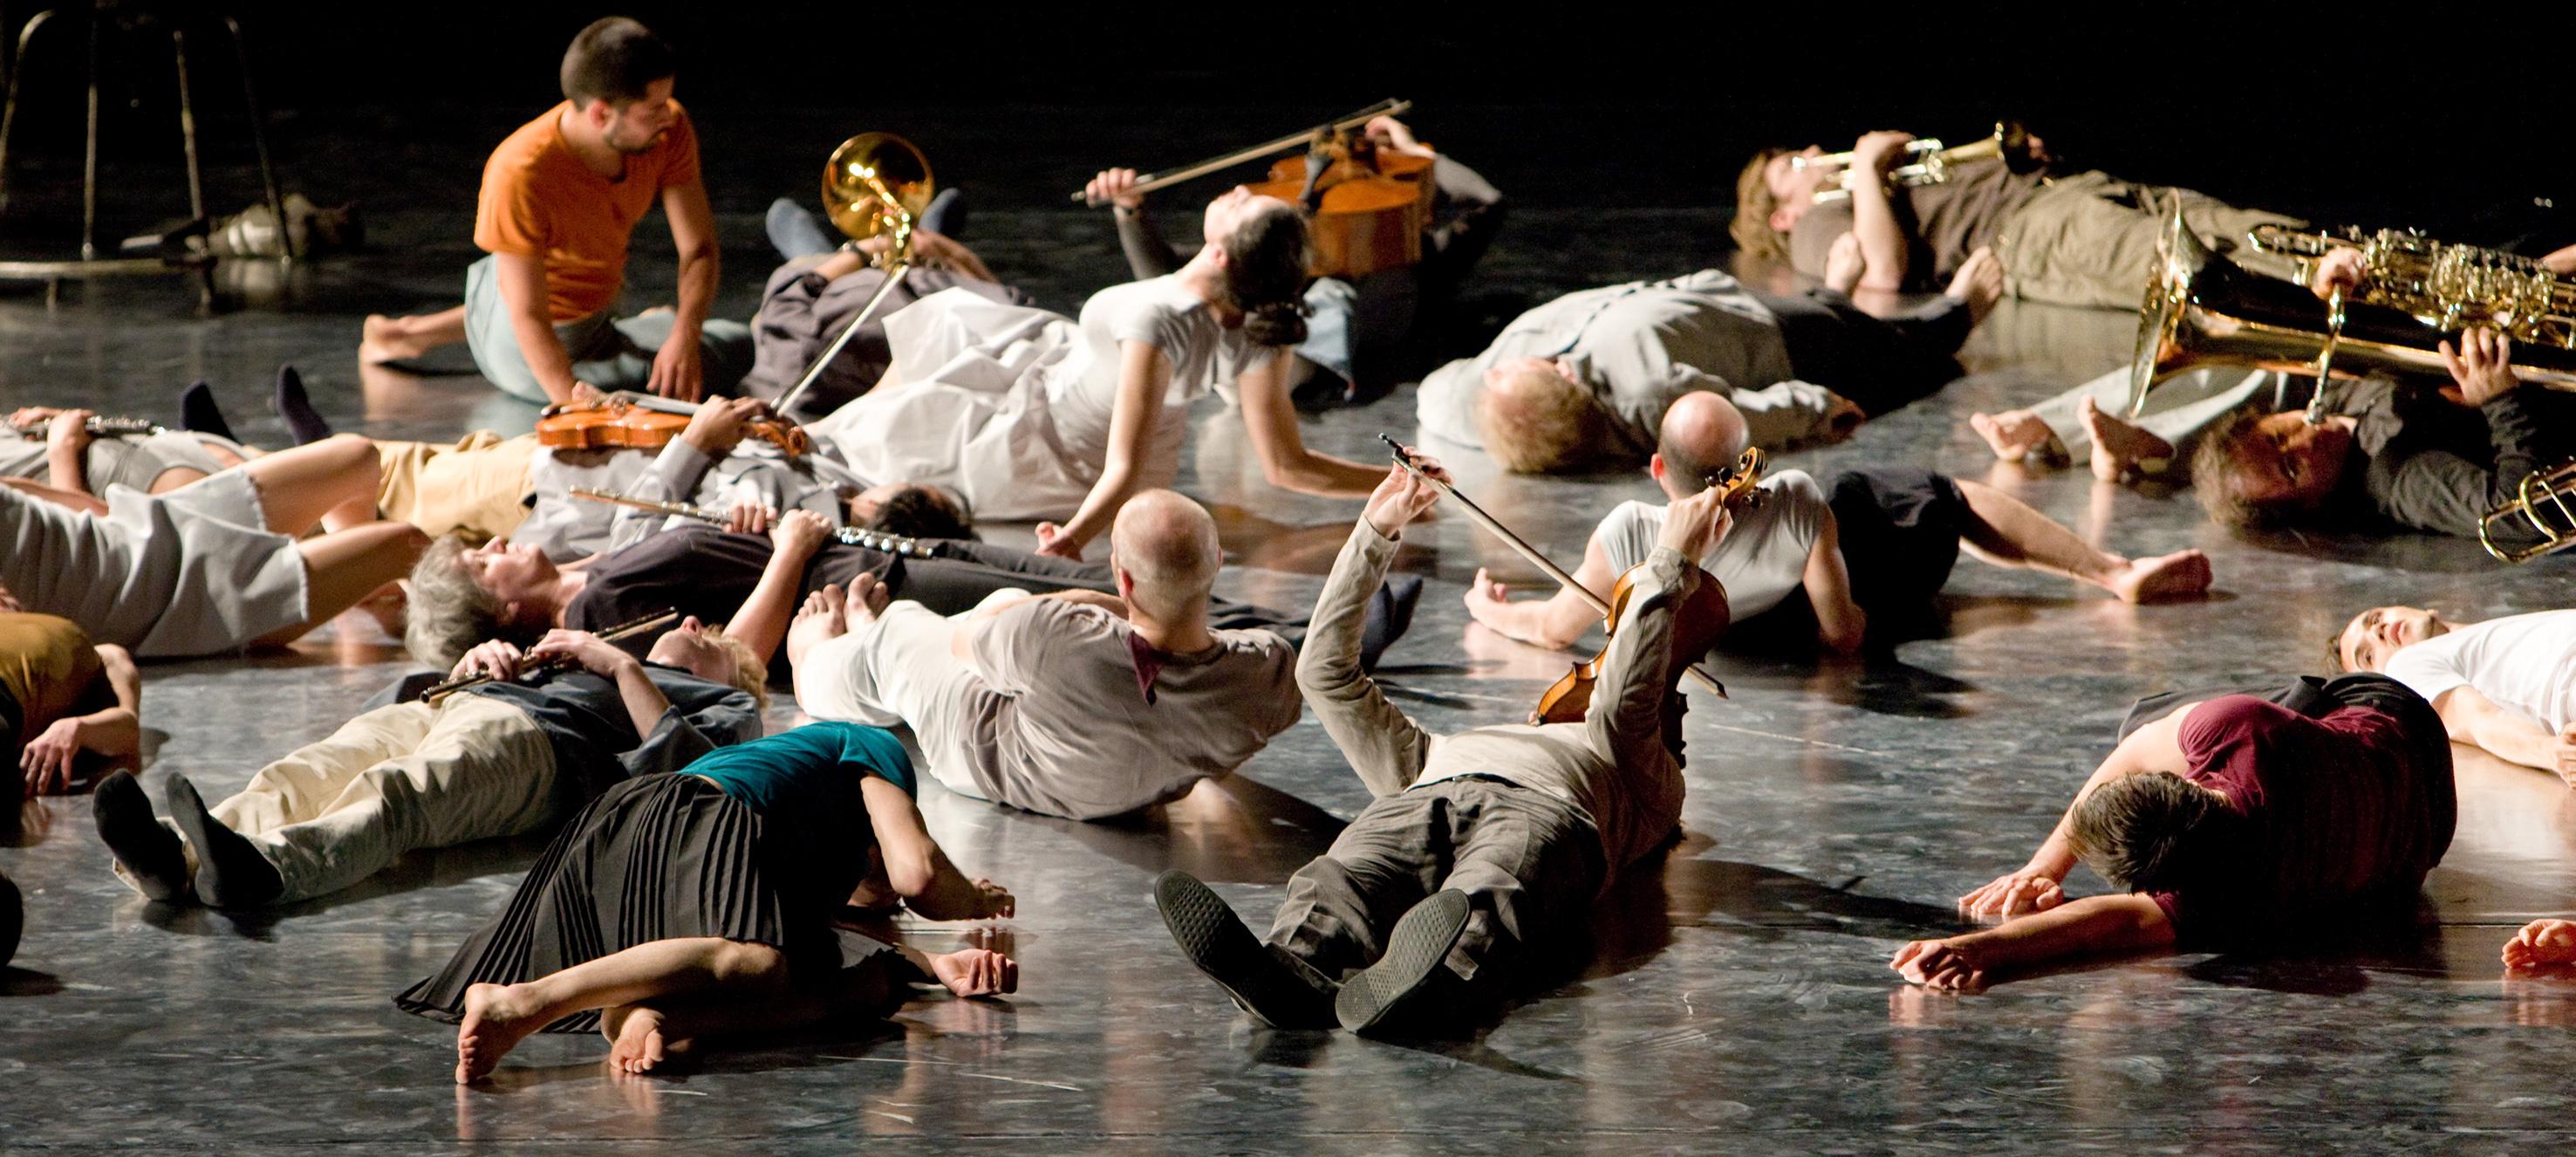 """Szenenbild aus """"Jagden und Formen"""", einem musikalisch-choreografischen Projekt von Ensemble Modern und Sasha Waltz & Guests"""